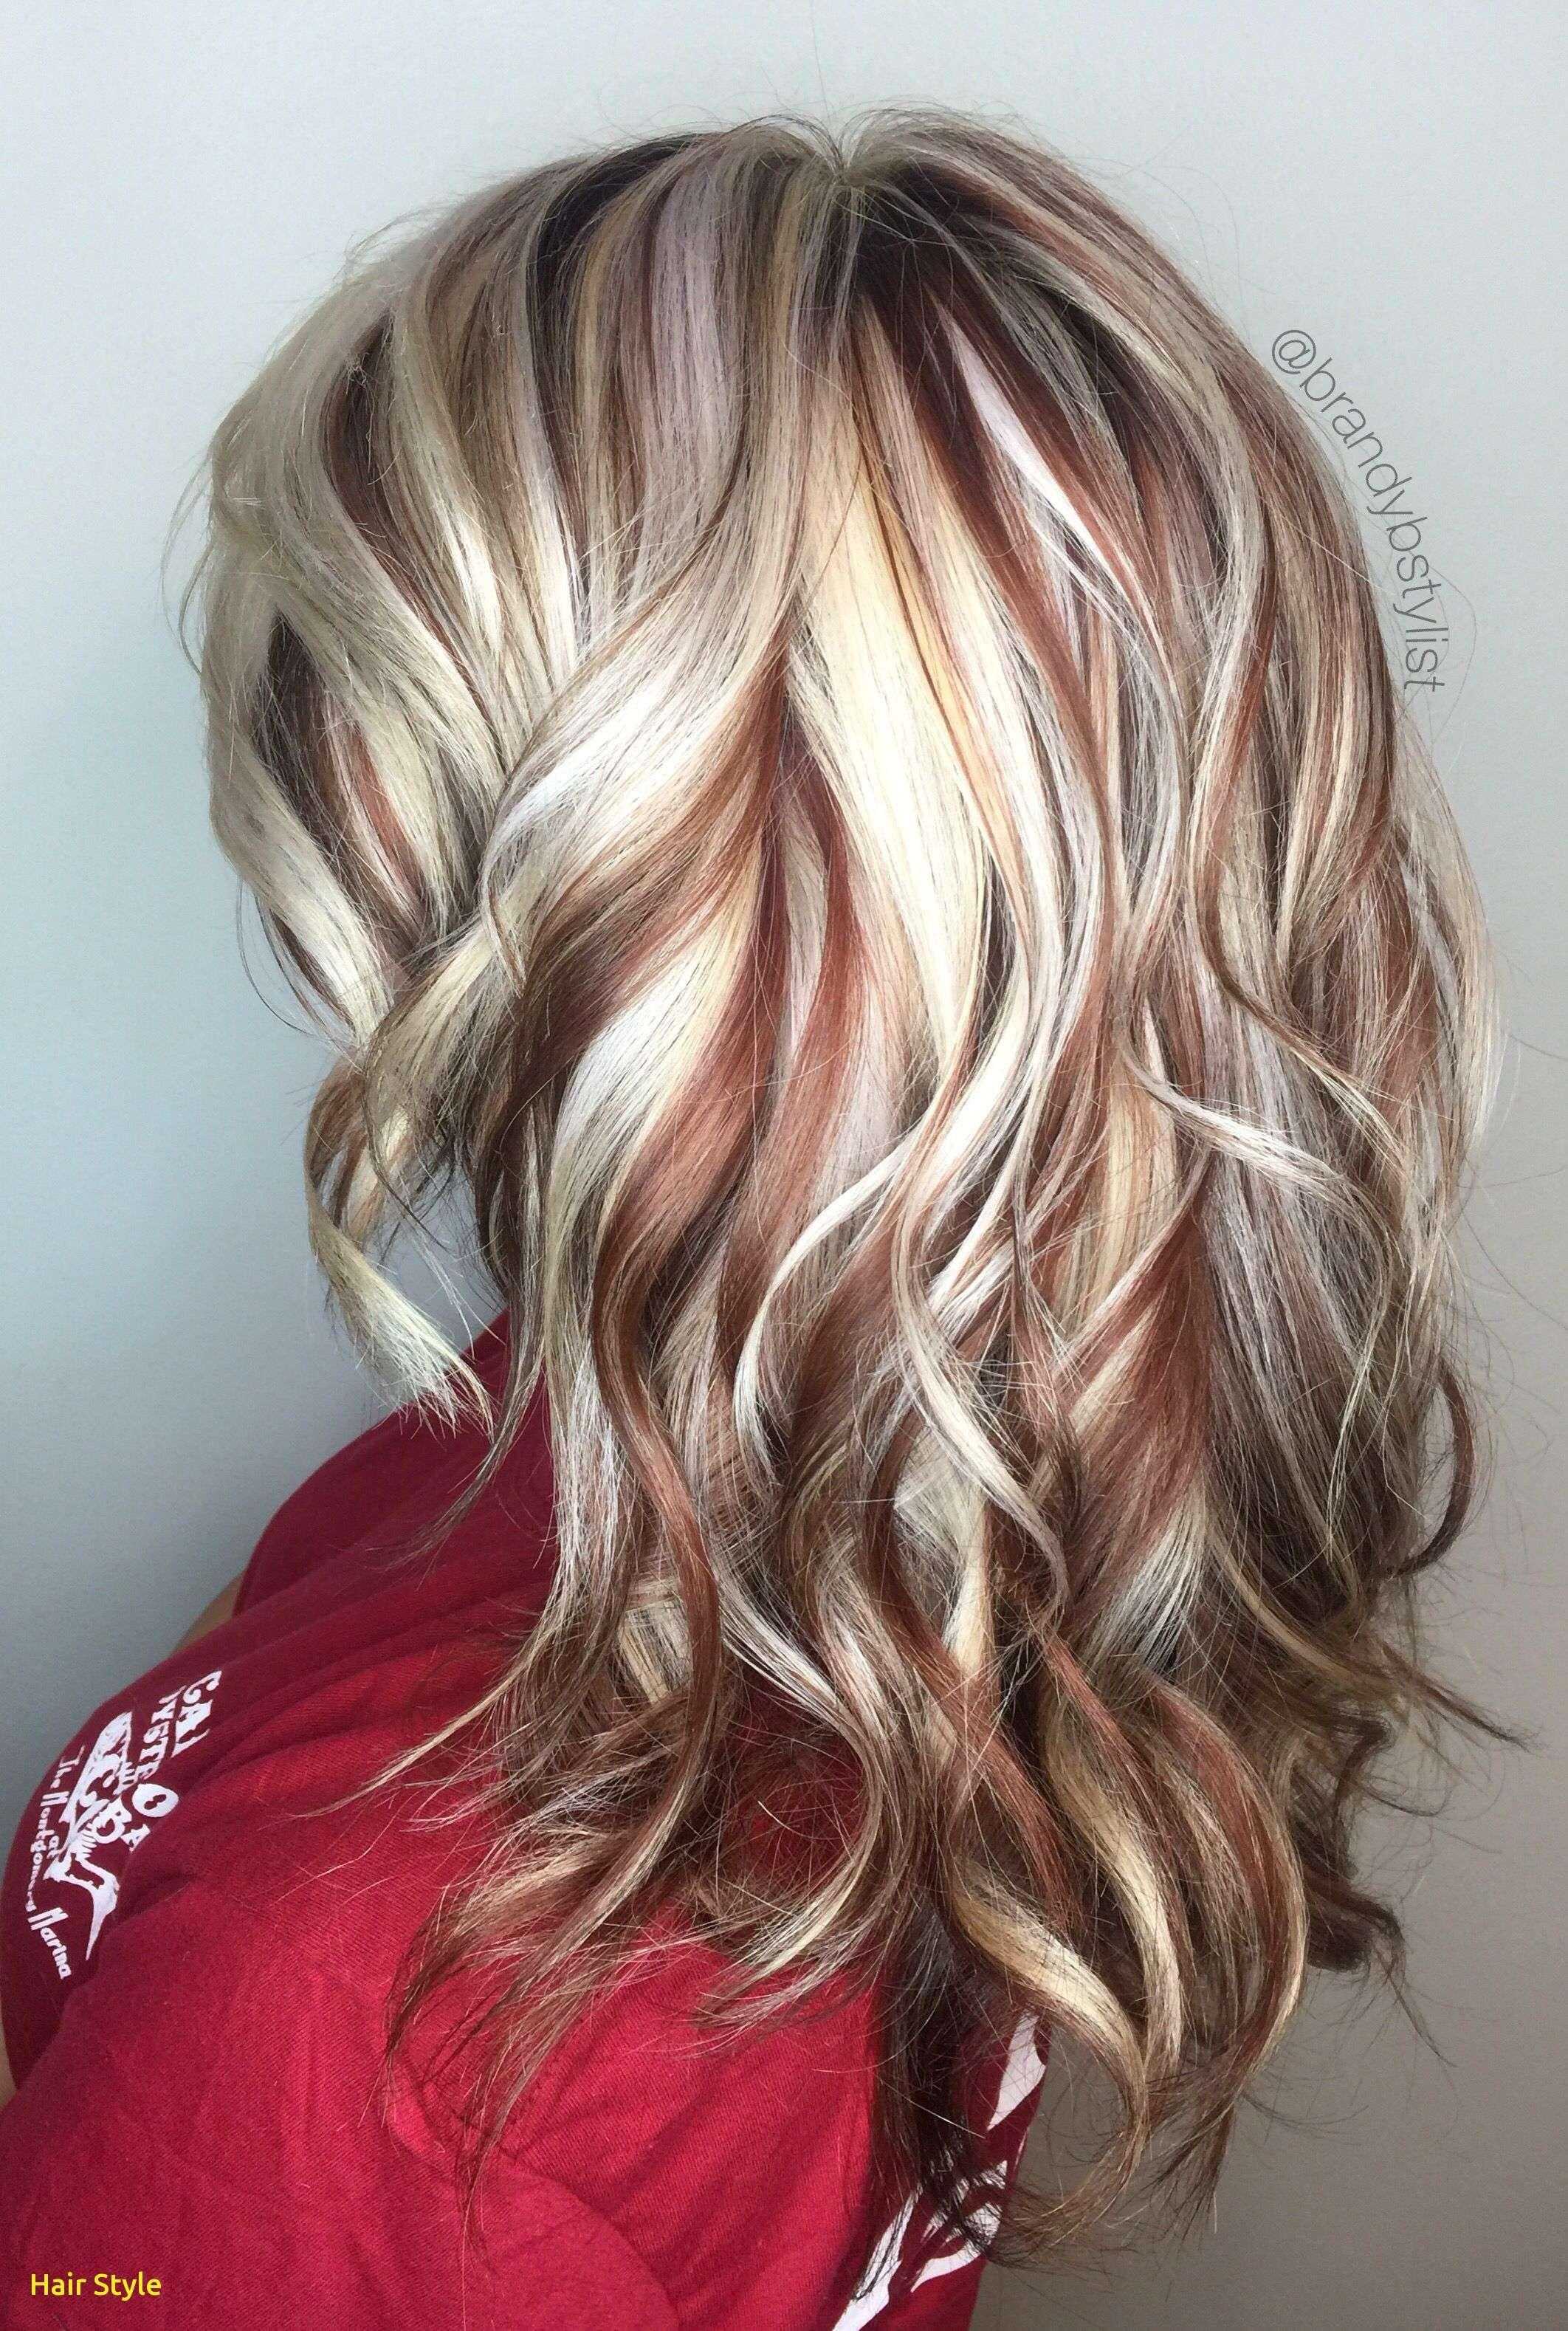 Luxus Beste Haarfarbe Rot Haare Trends 2019 Cheveux Couleur